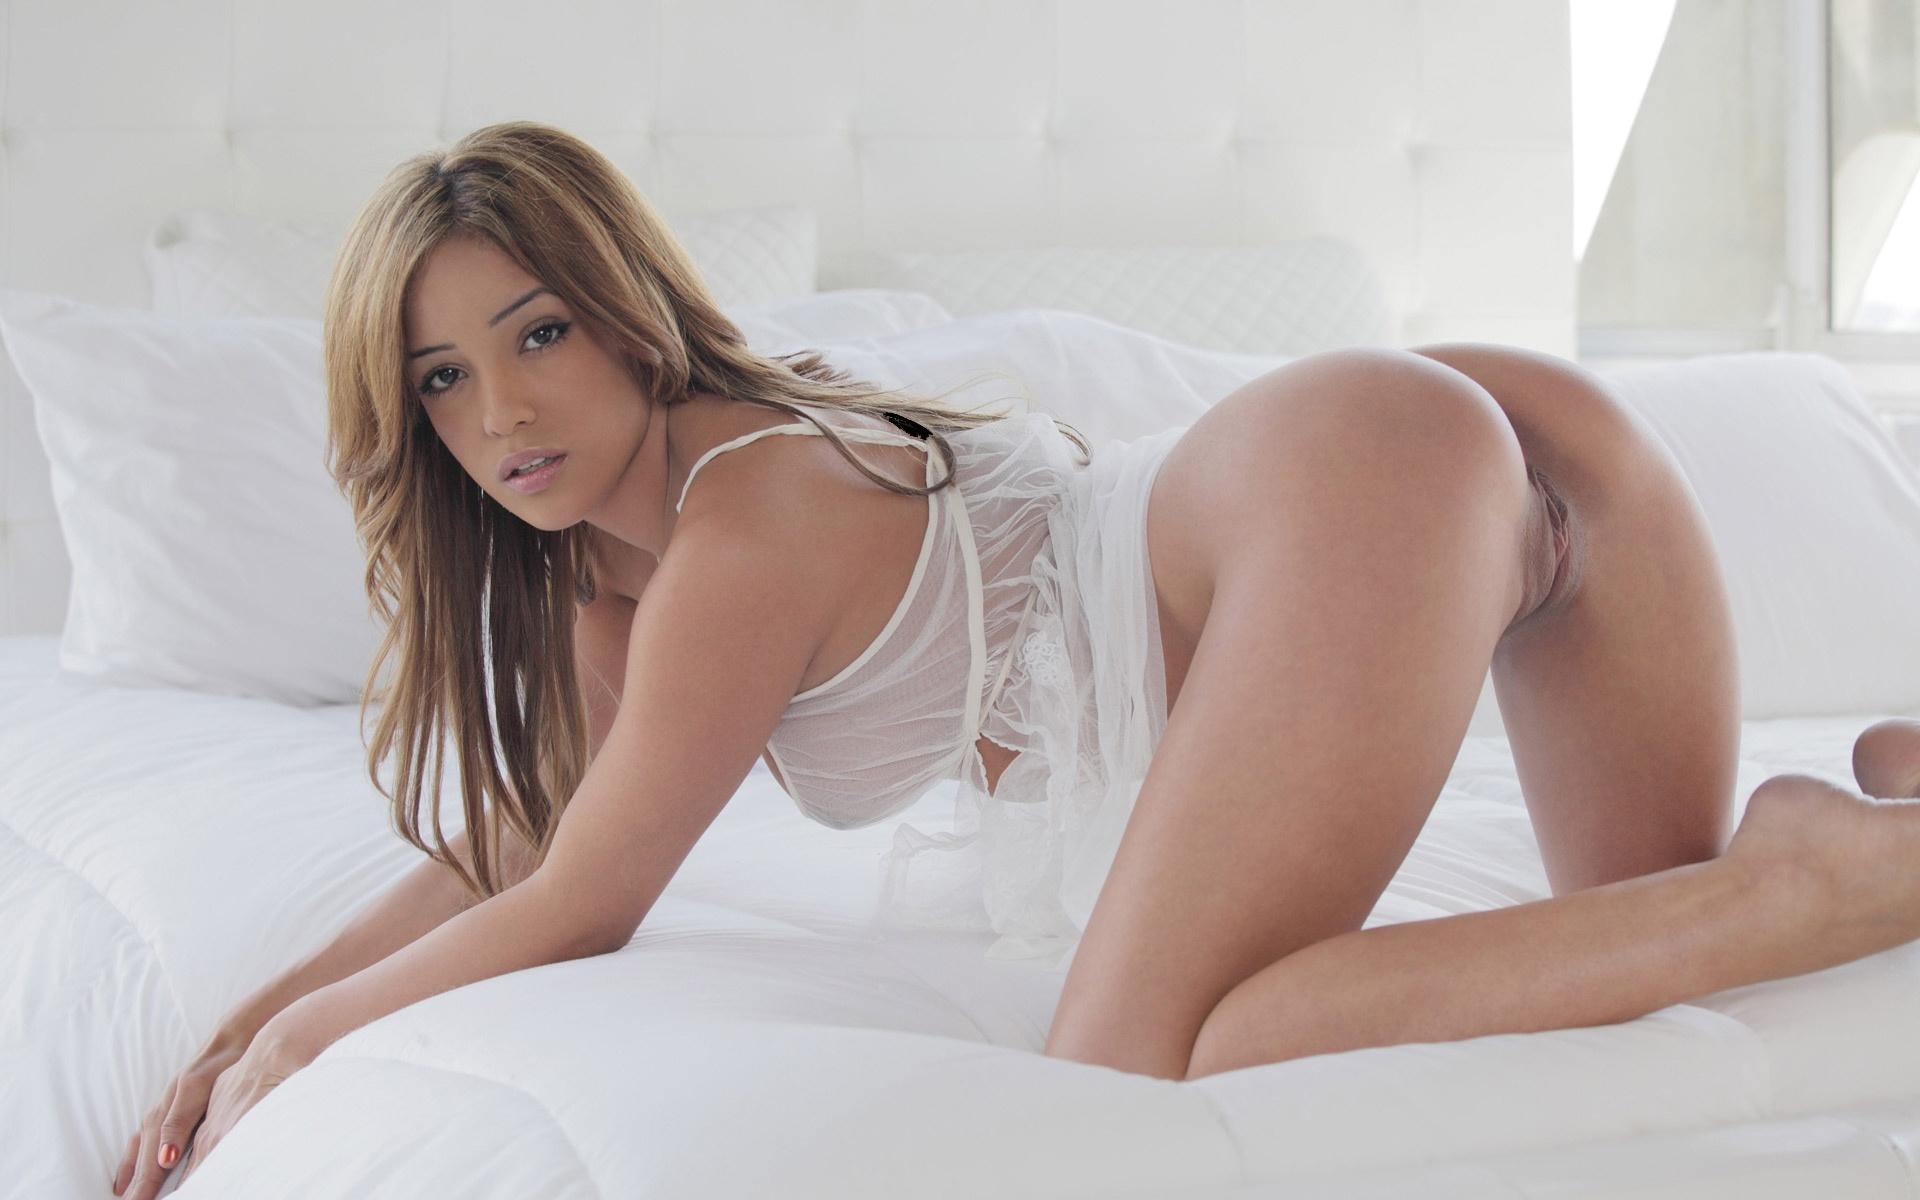 Melanie rios nude model